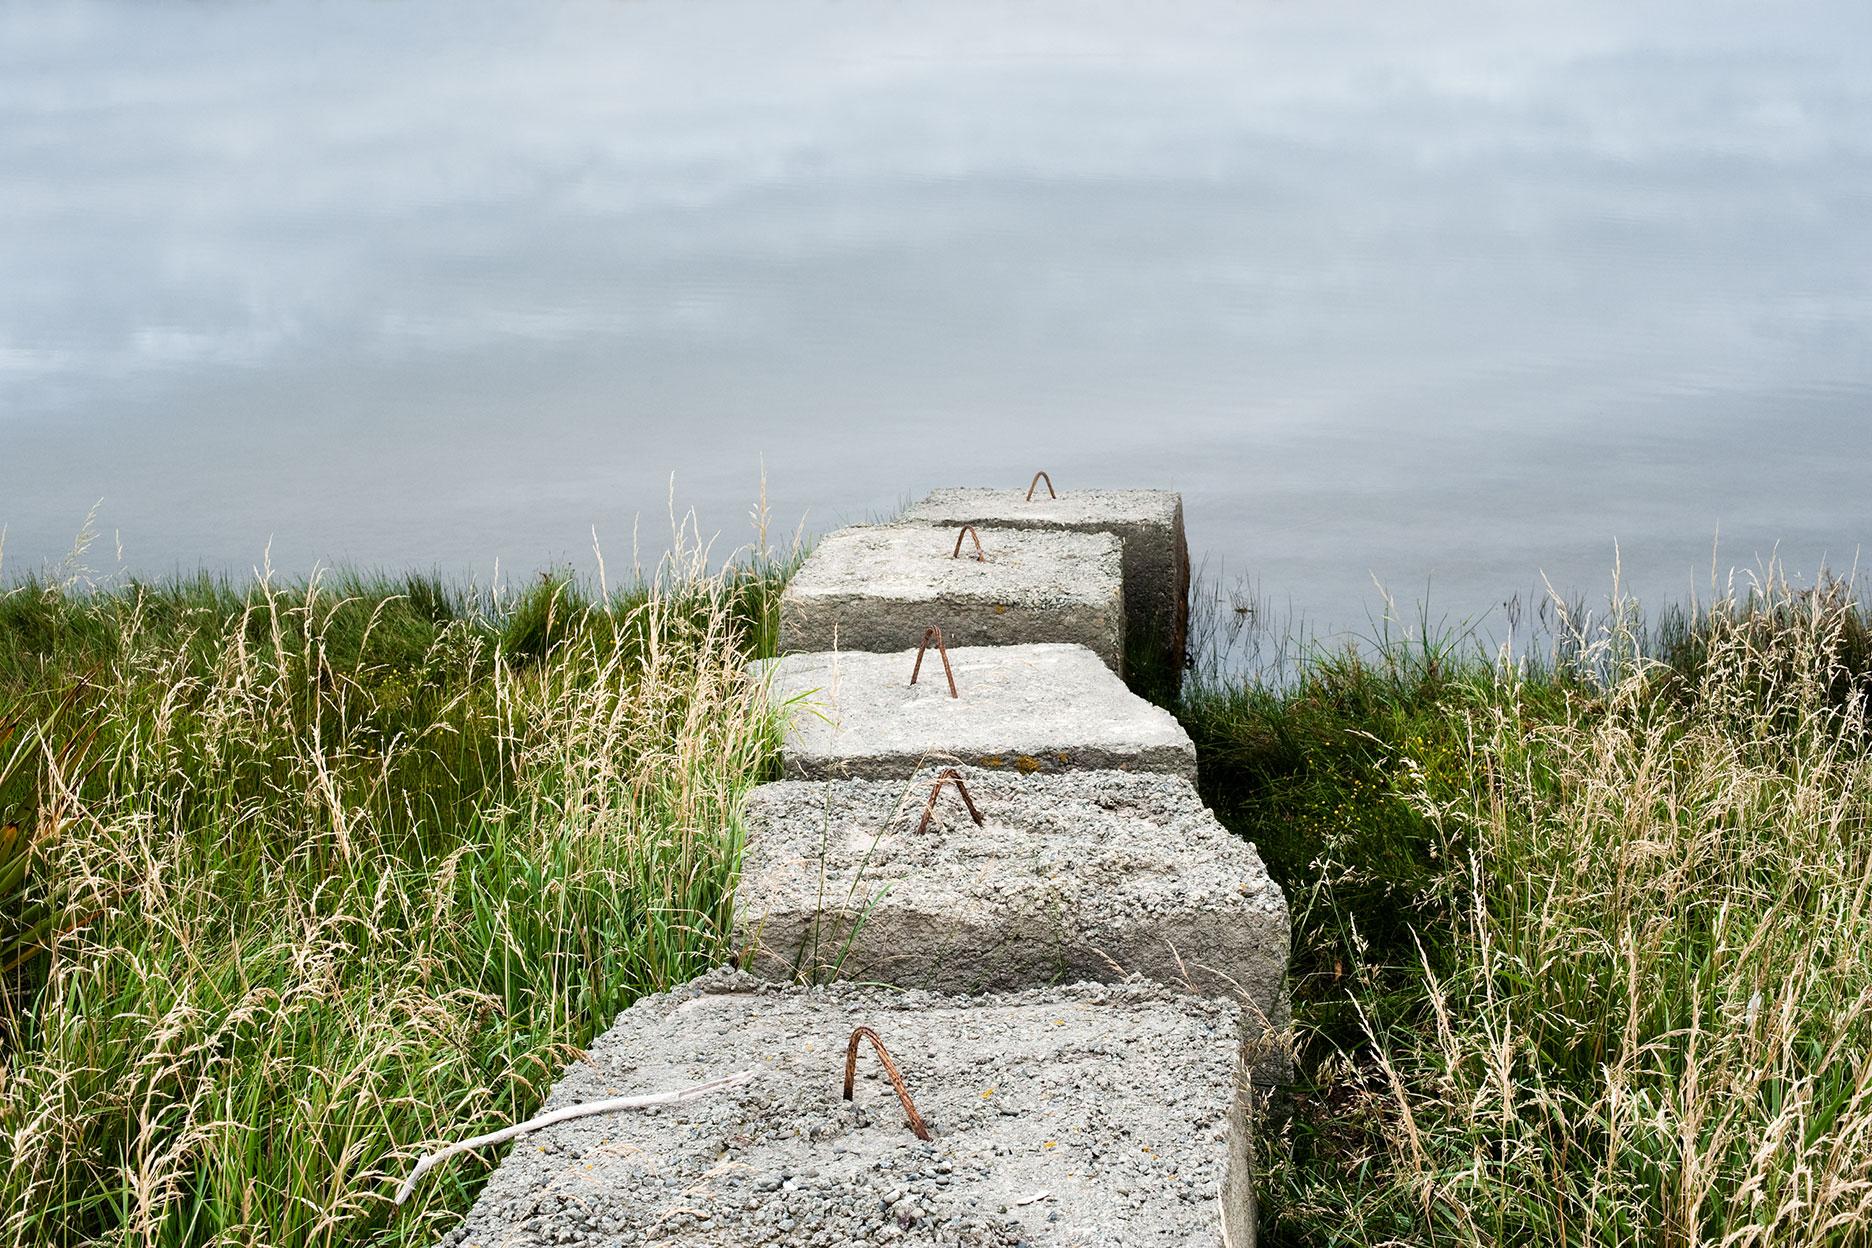 Otaki-2009 Bruce Foster.jpg